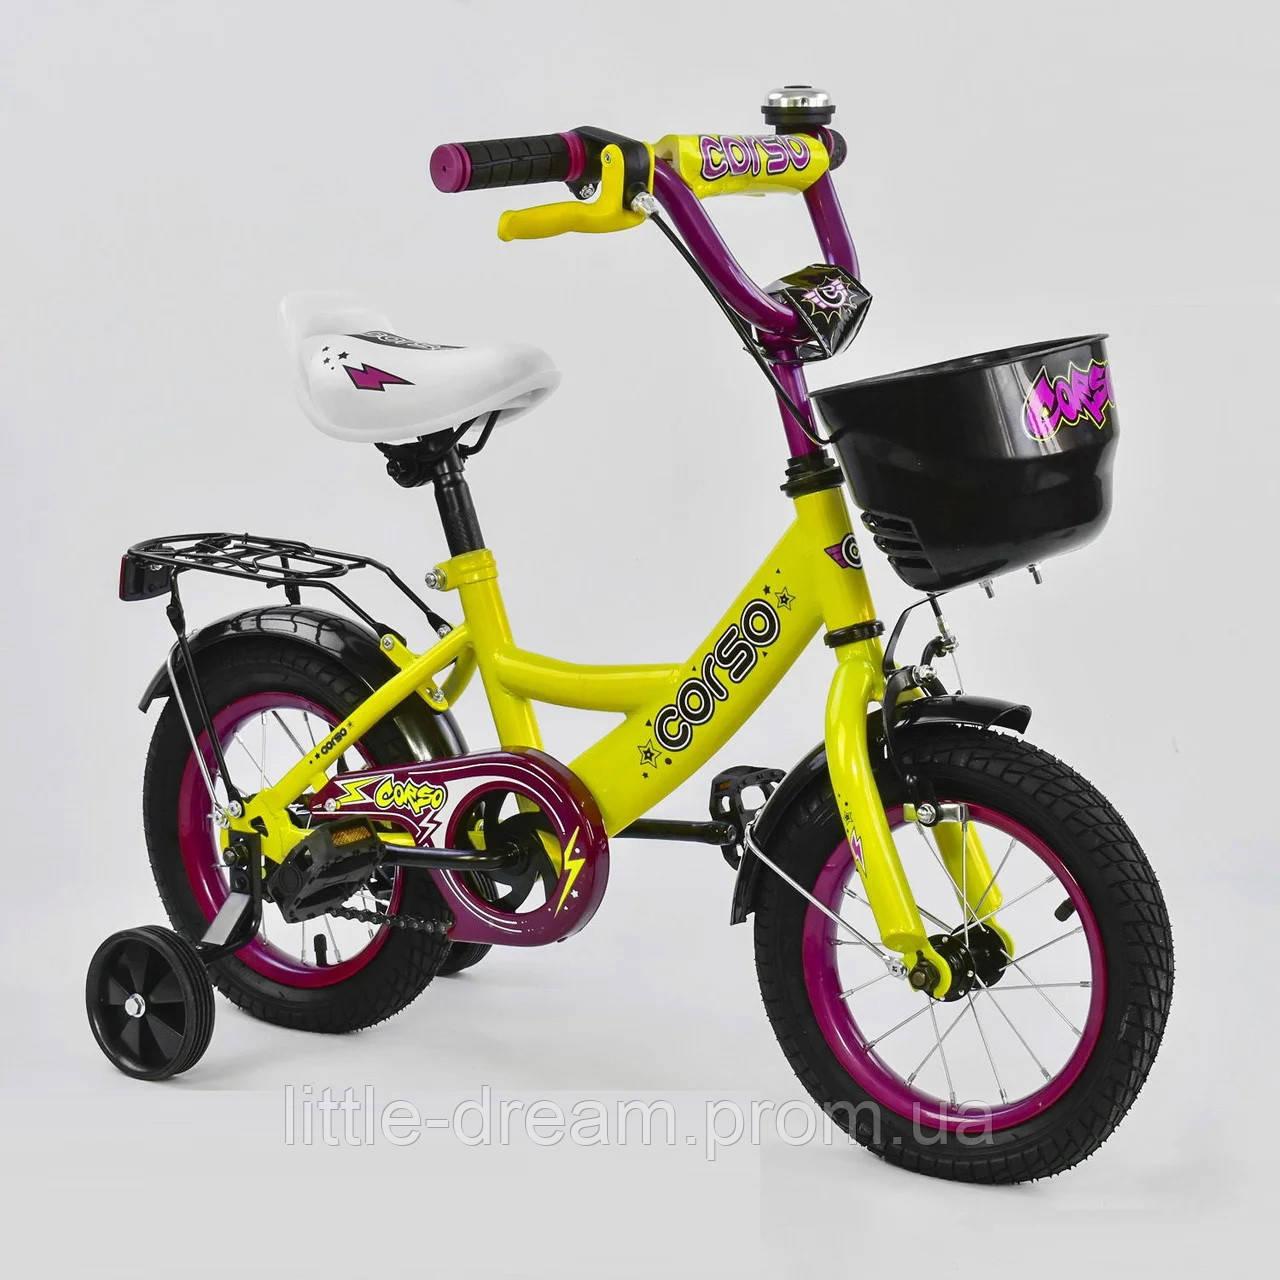 """Детский двухколёсный велосипед 12"""" с ручным тормозом и съемными страховочными колесами Corso G-12310 желтый"""